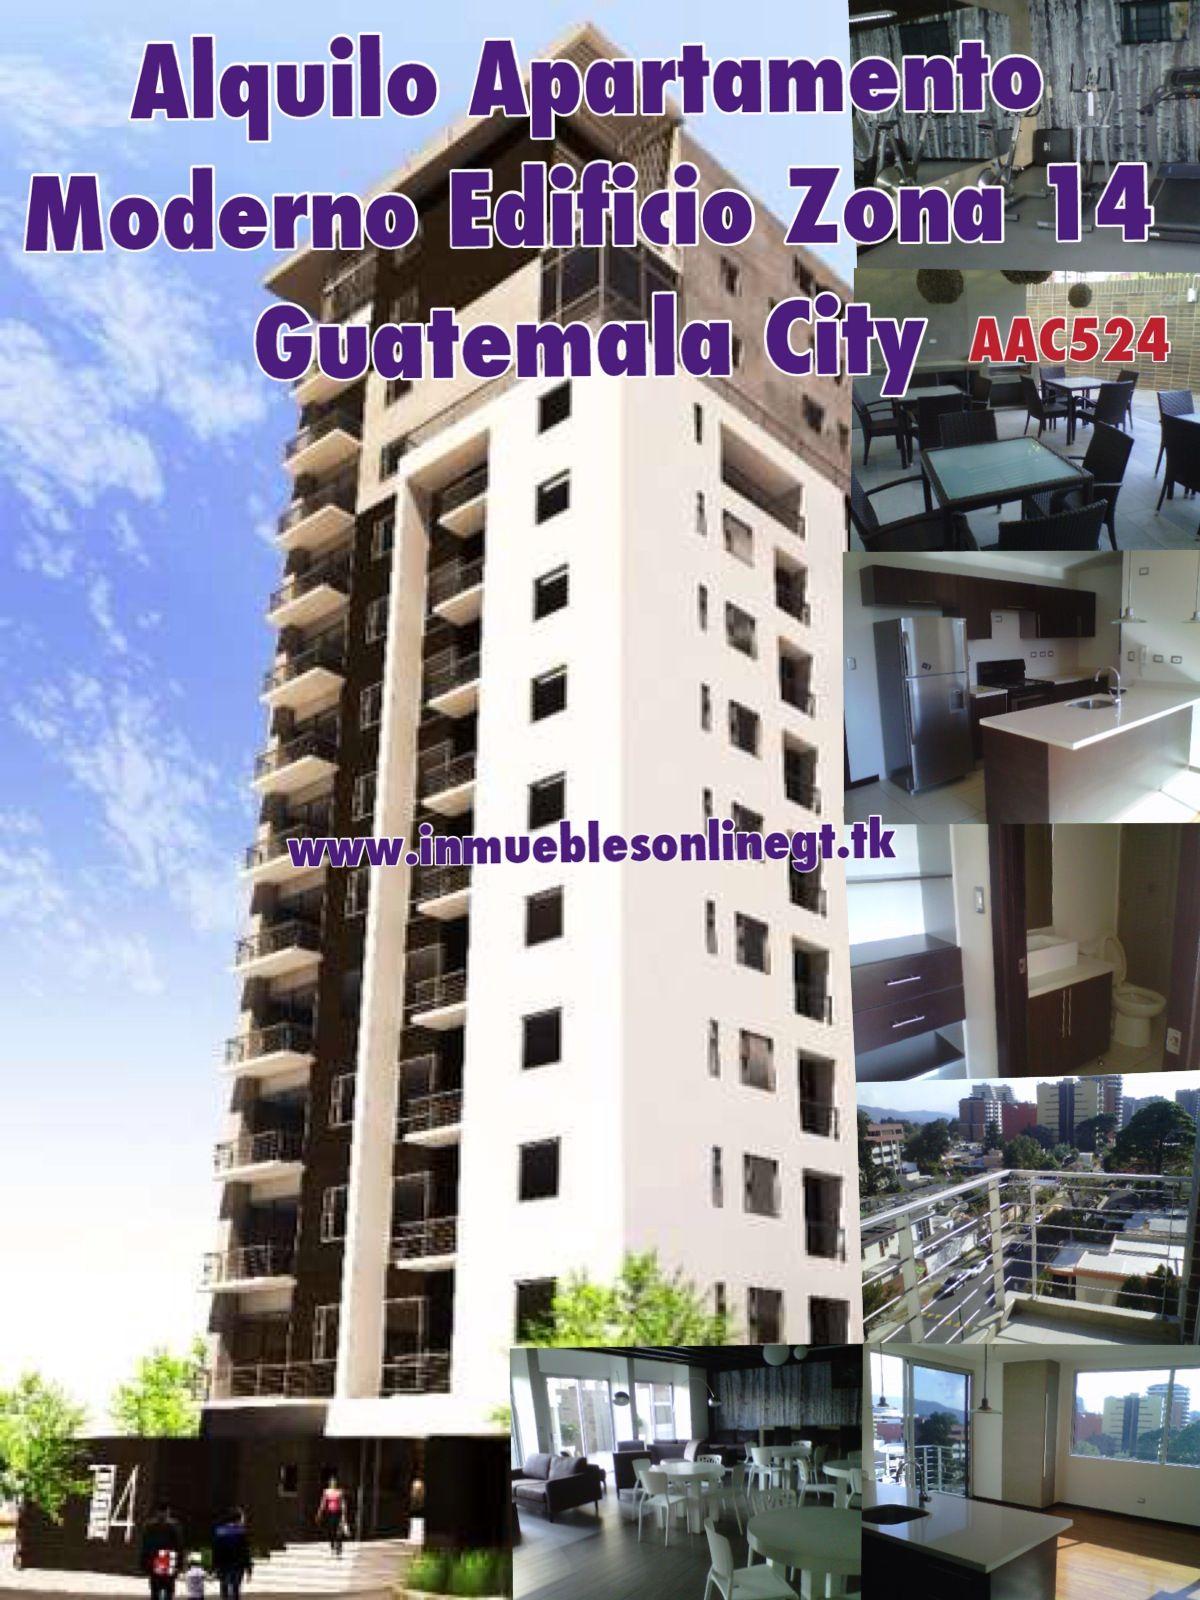 Alquilo Apartamento Moderno Edificio Zona 14 Guatemala City 2 dormitorios 2 parqueos 2 Bańos cocina y lavanderia equipadas edificio con salon social, pergola social, gym, areade nińos, lobby, biz center Renta $800 visitas anaurrutia@live.com t. 53002536 42221612 www.inmueblesonlinegt.tk en Facebook Bienes Inmuebles GT Pinterest  Property Shop GT Codigo AAC524